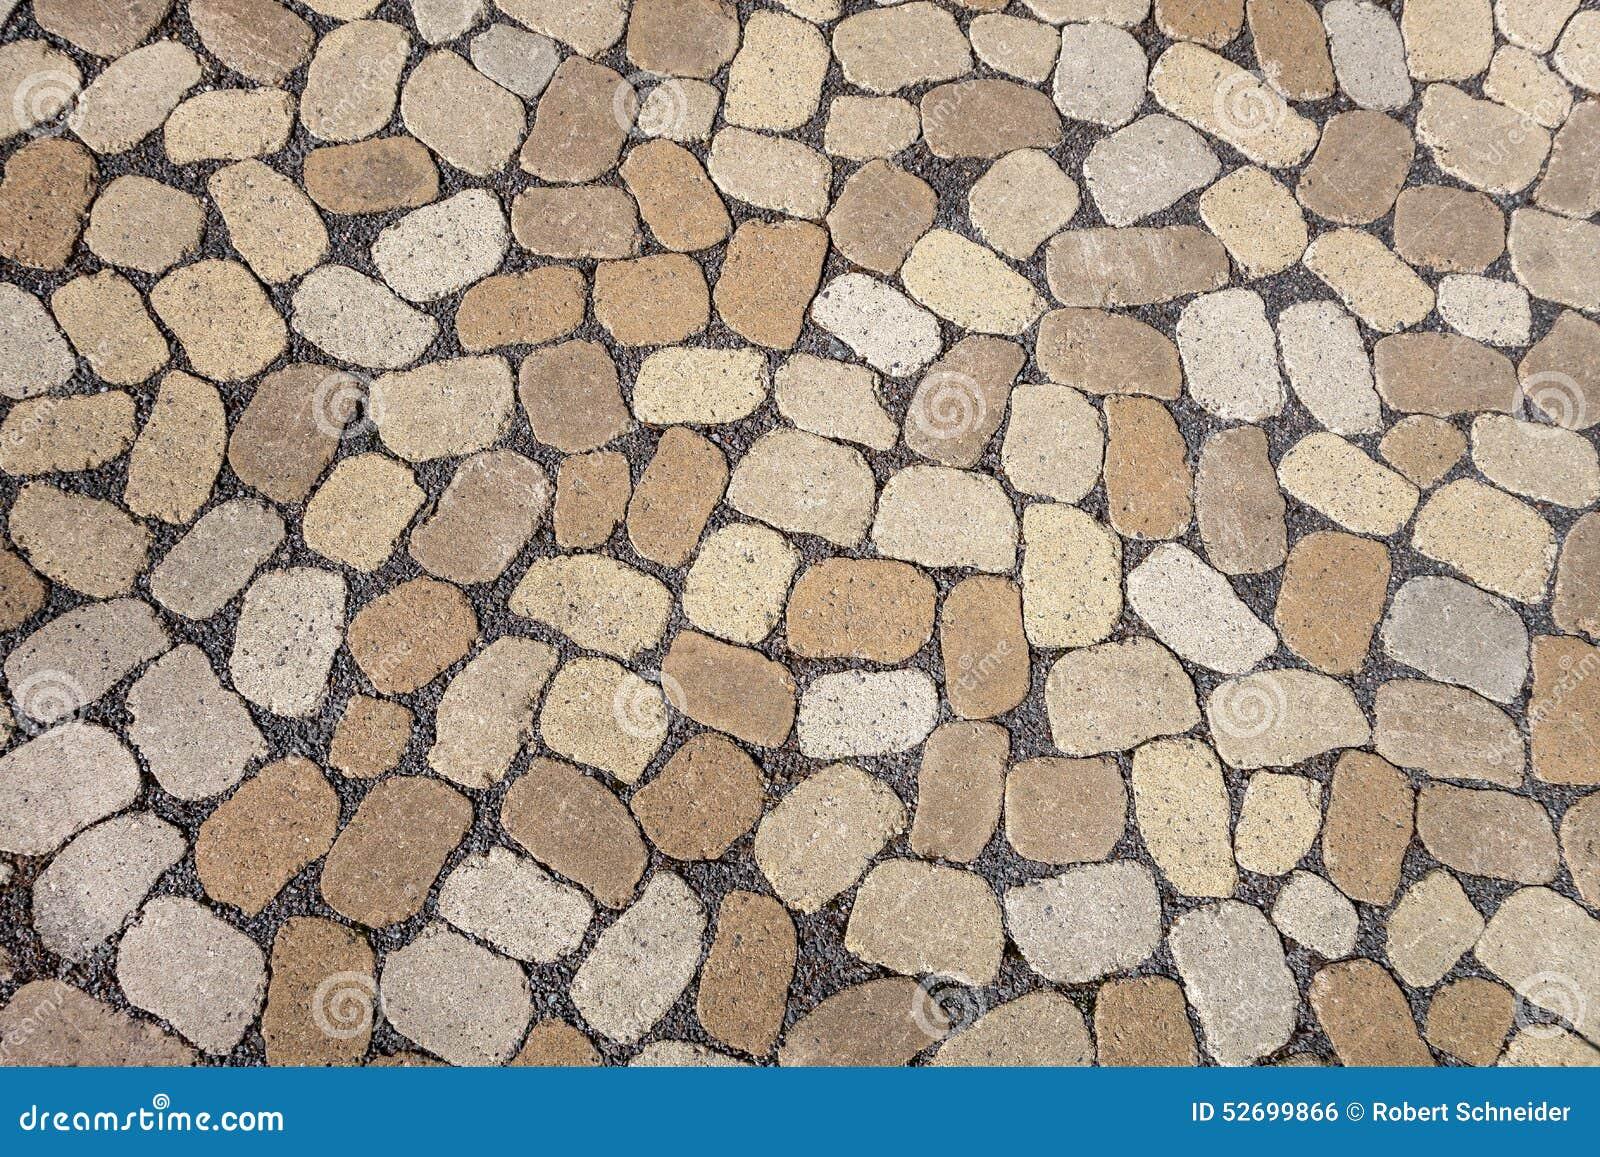 Mozaïek Van Ovale Grijze En Bruine Keien Stock Foto - Afbeelding ...